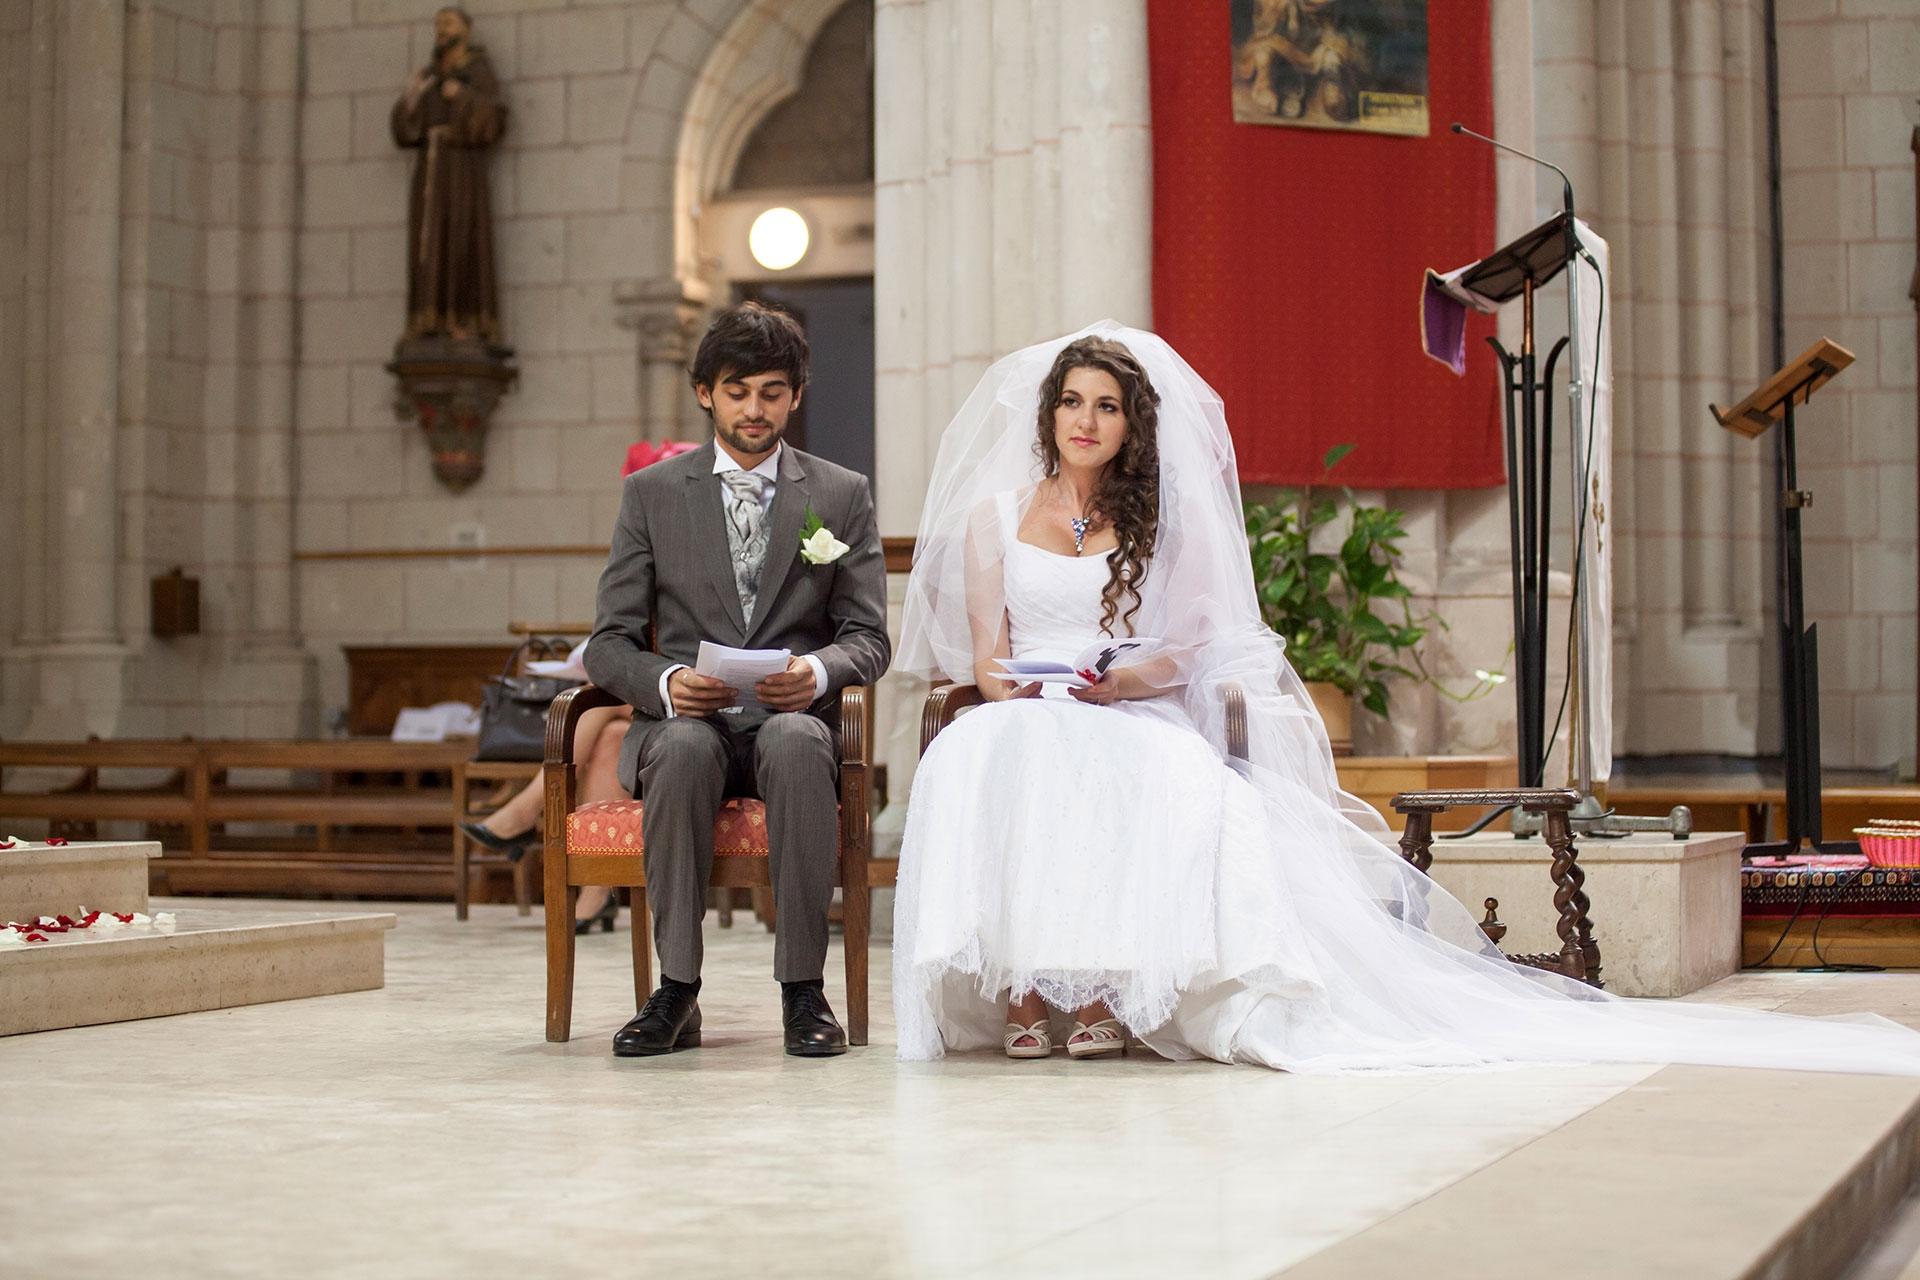 particuliers-evenements-mariages-oui-agnes&louis-37